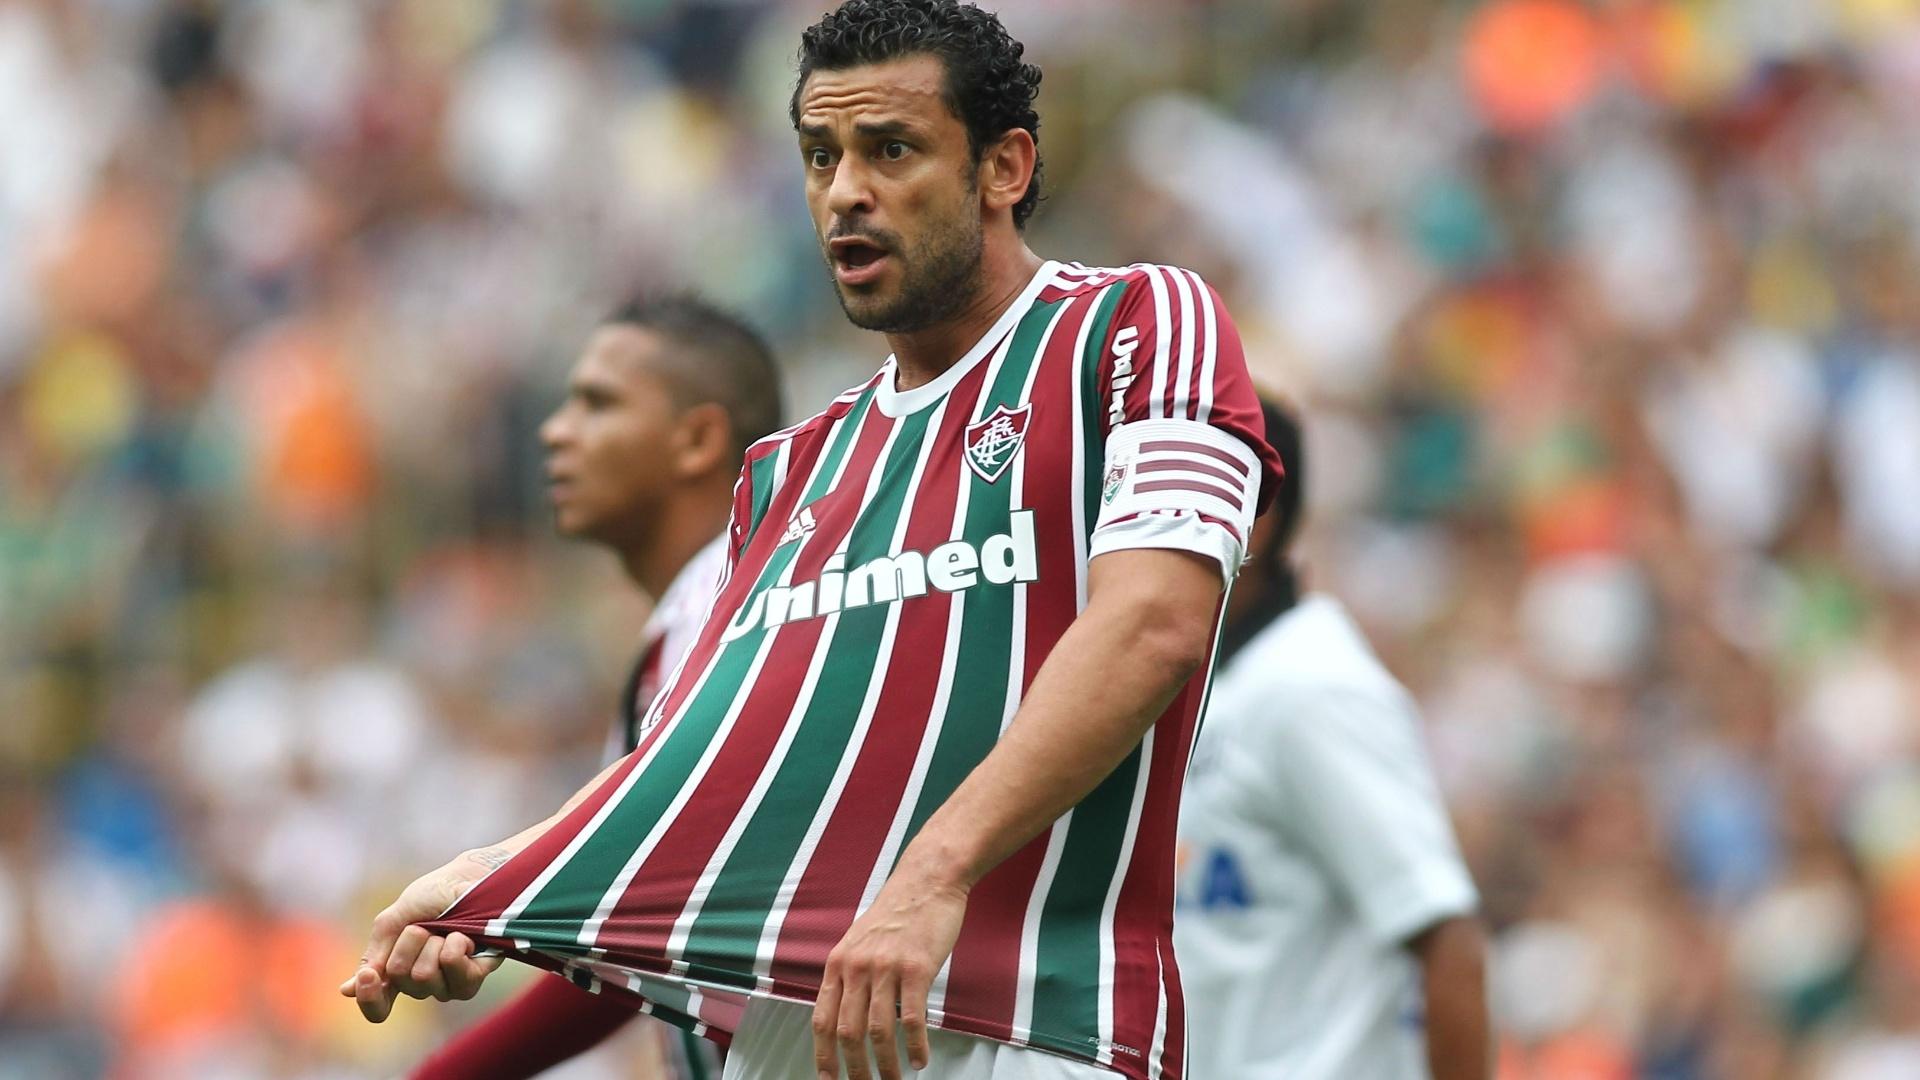 Fred reclama com arbitragem durante jogo contra o Atlético-PR